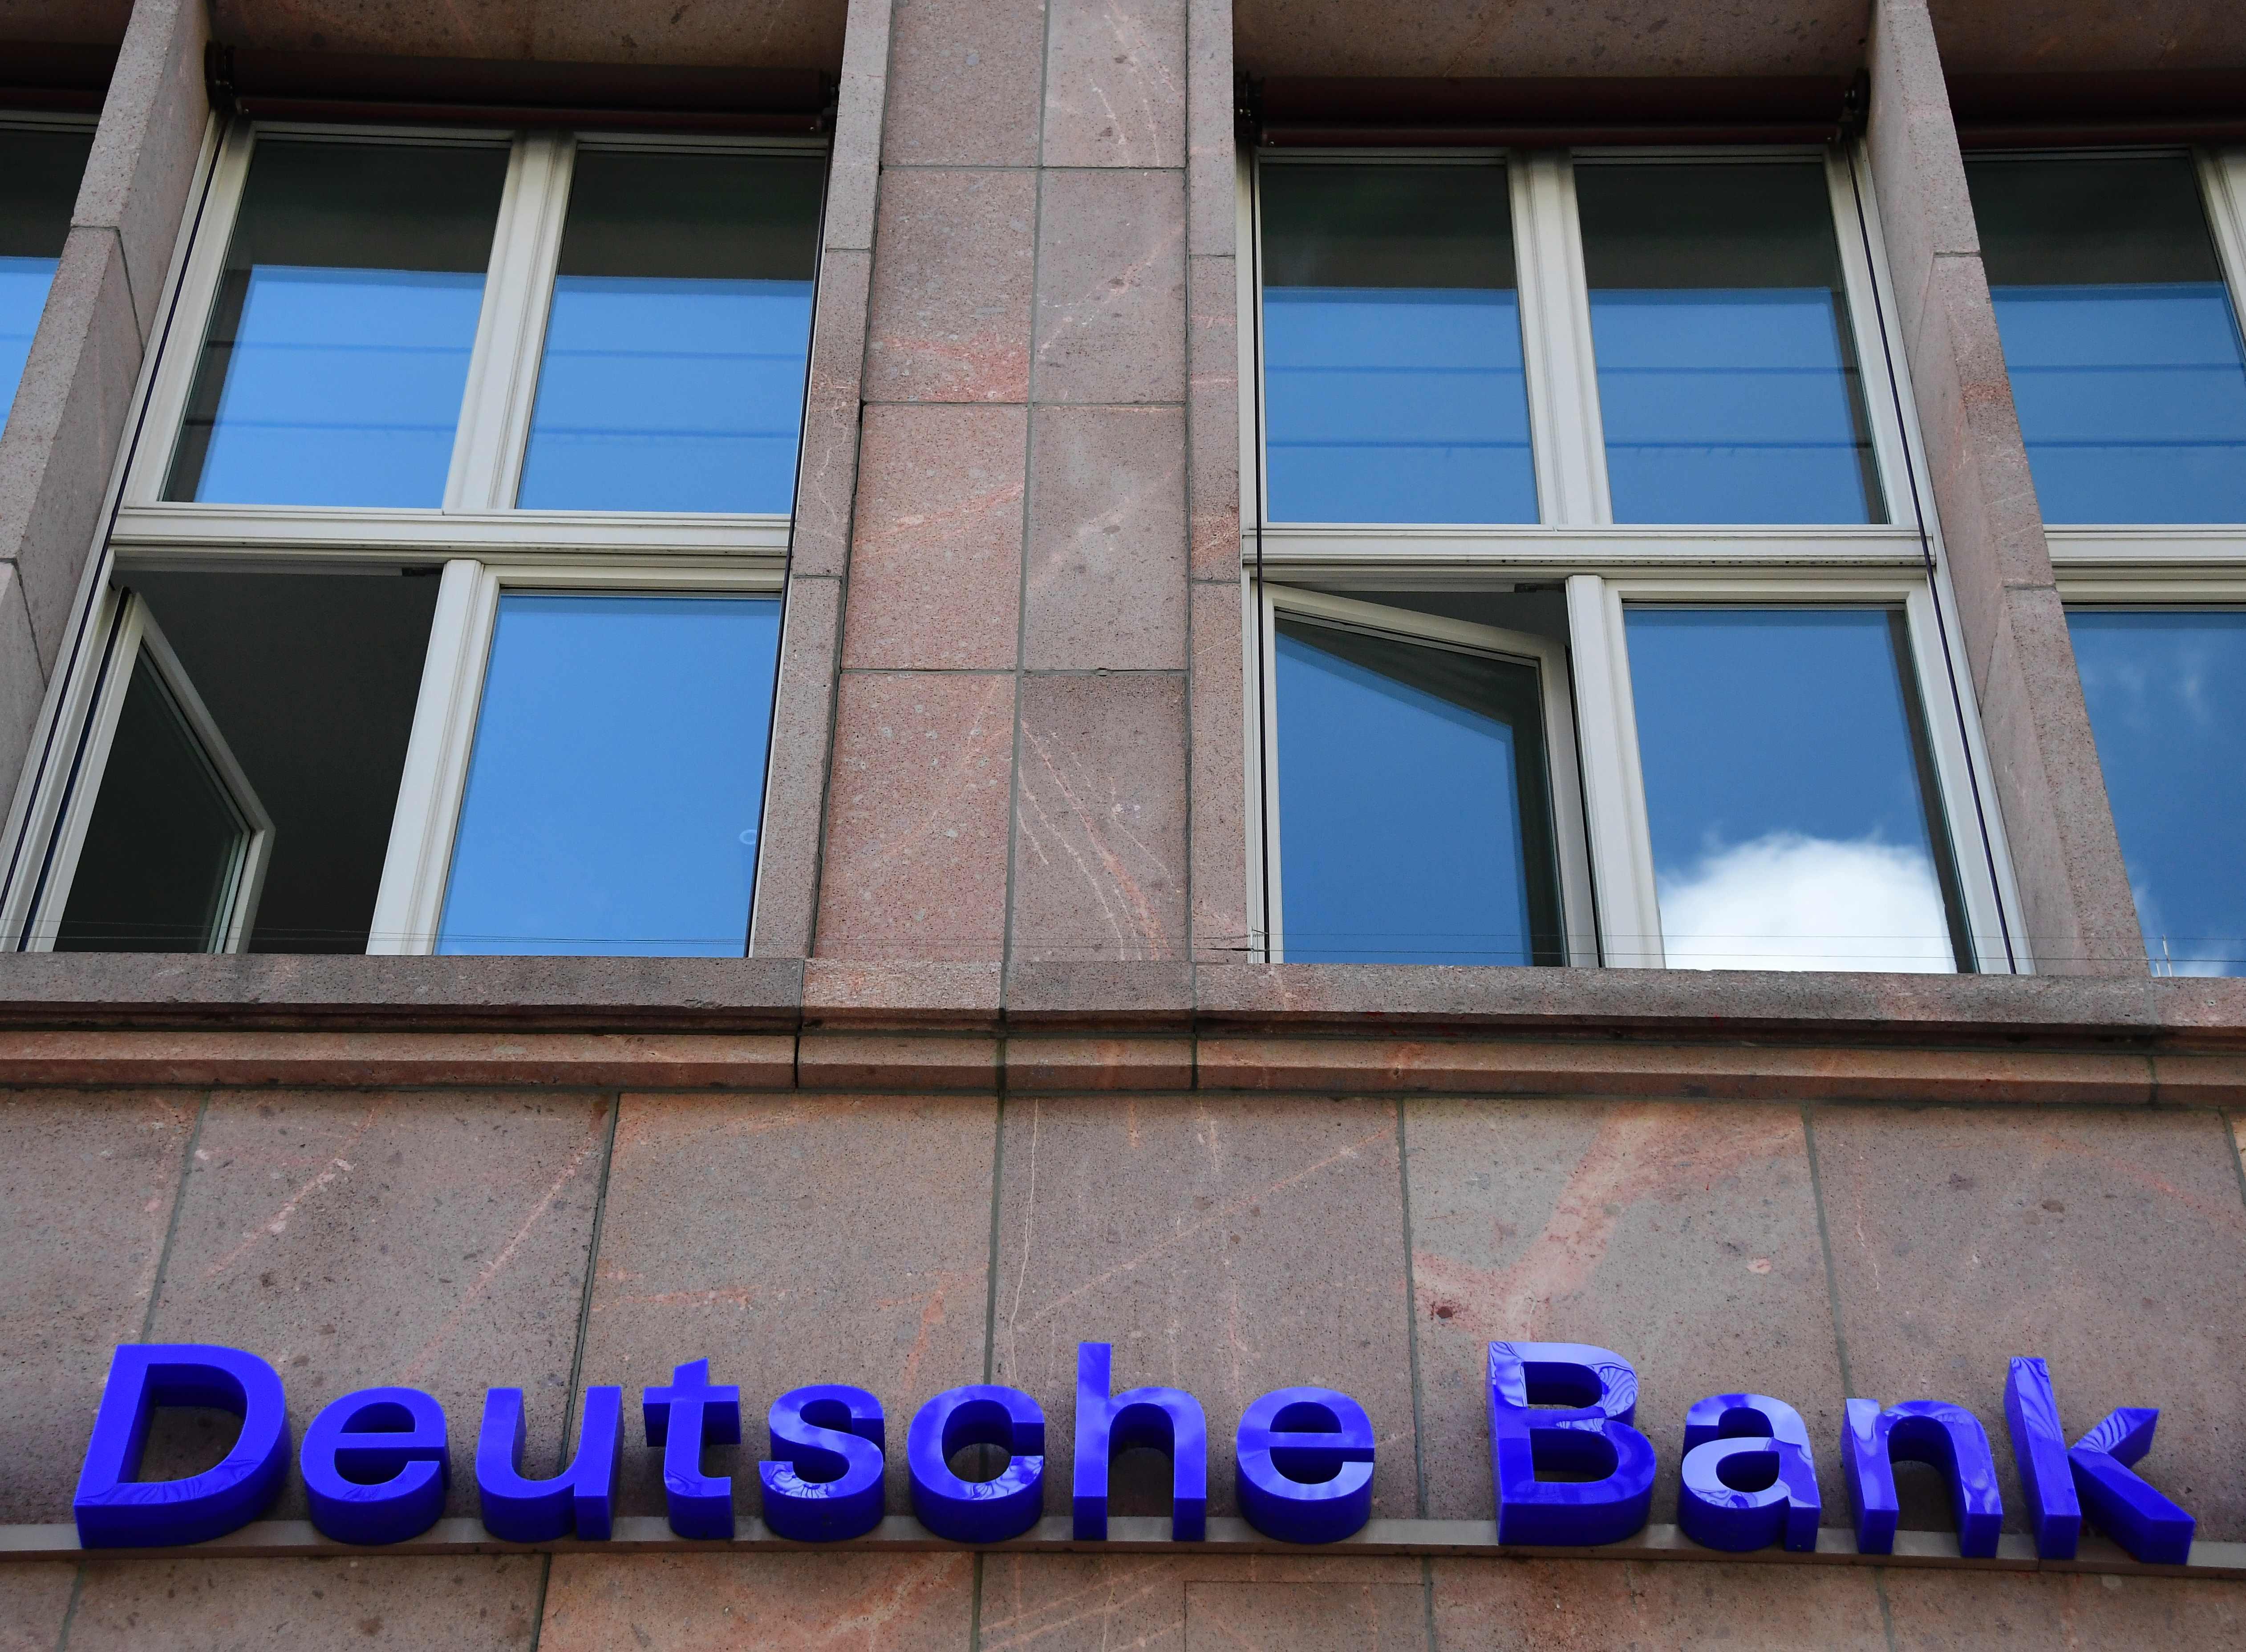 图为德意志银行。(新华社)